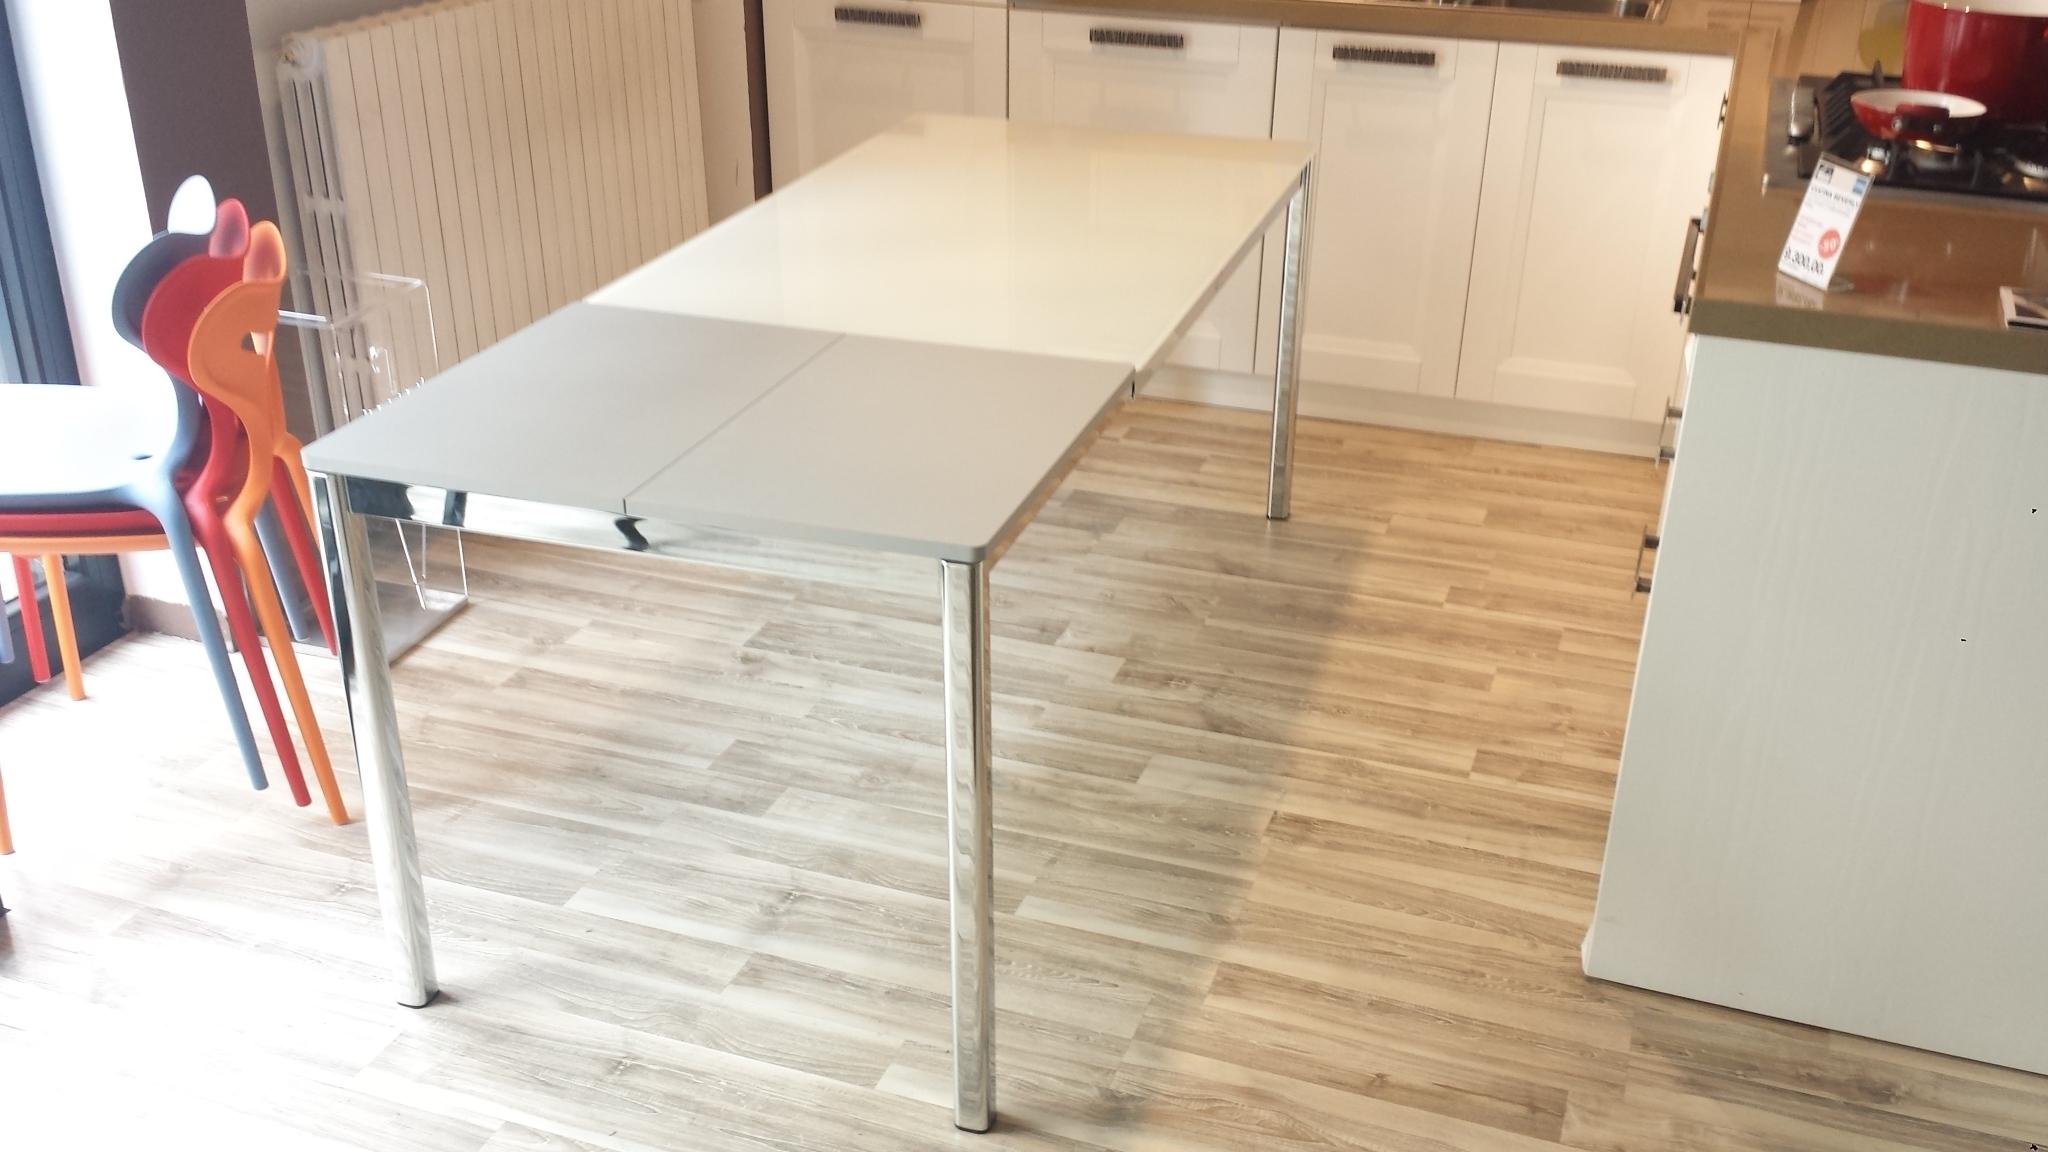 Tavolo da cucina allungabile PERFORMANCE - Tavoli a prezzi scontati